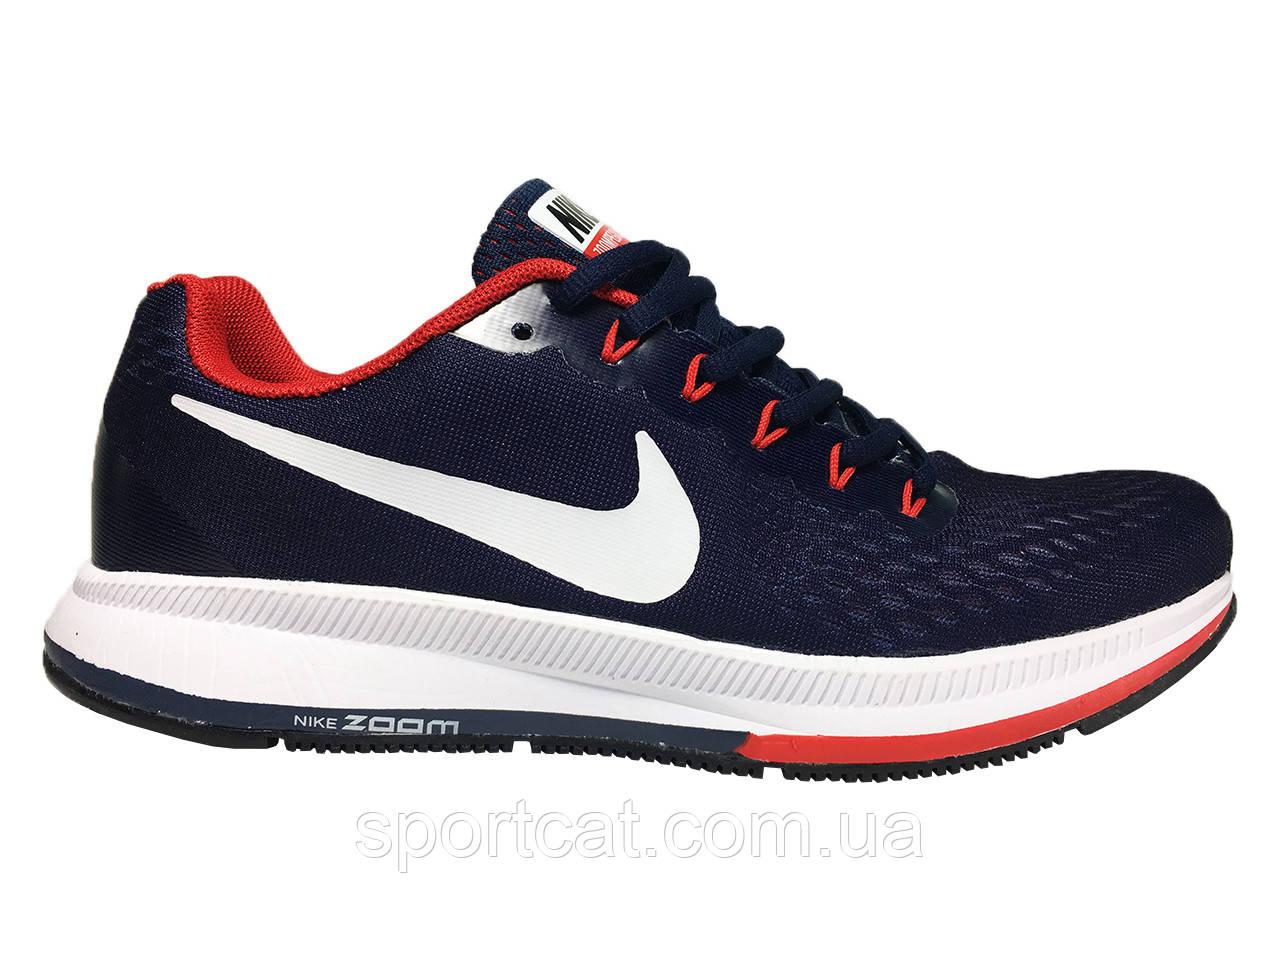 new style fc163 6a3fc Мужские кроссовки Nike Zoom Pegasus 34 Р. 40 41 42 43 44 45 от  интернет-магазина «Sport Cat»